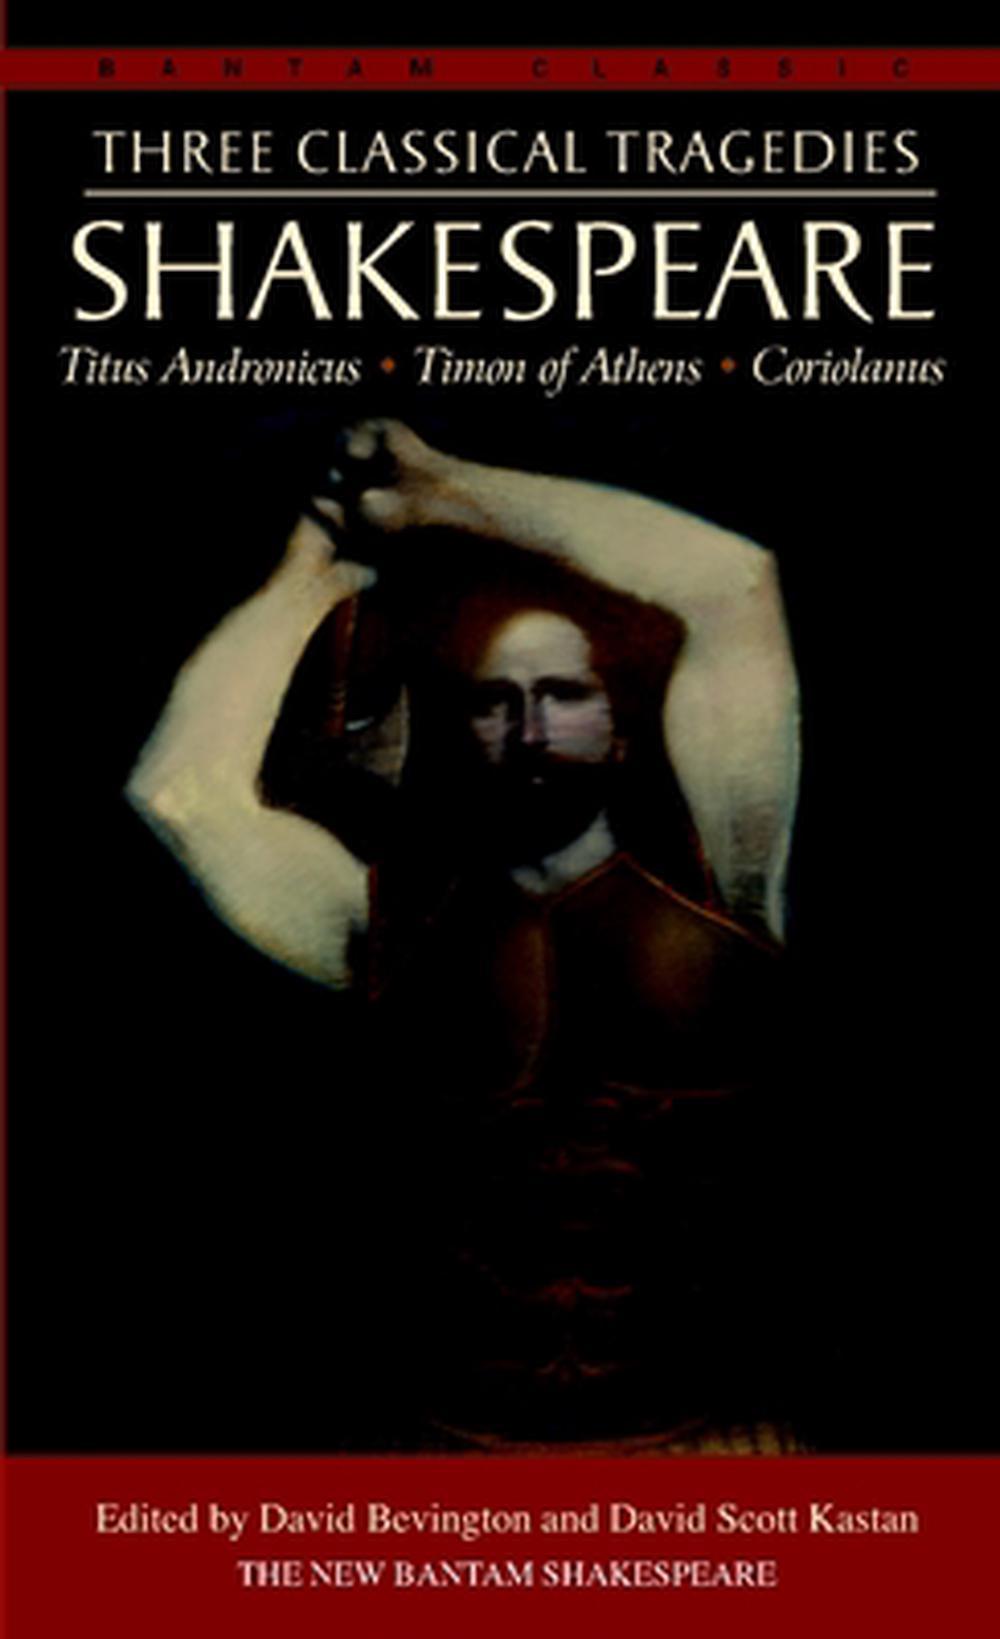 Three Classical Tragedies: Titus Andronicus, Timon of Athens, Coriolanus